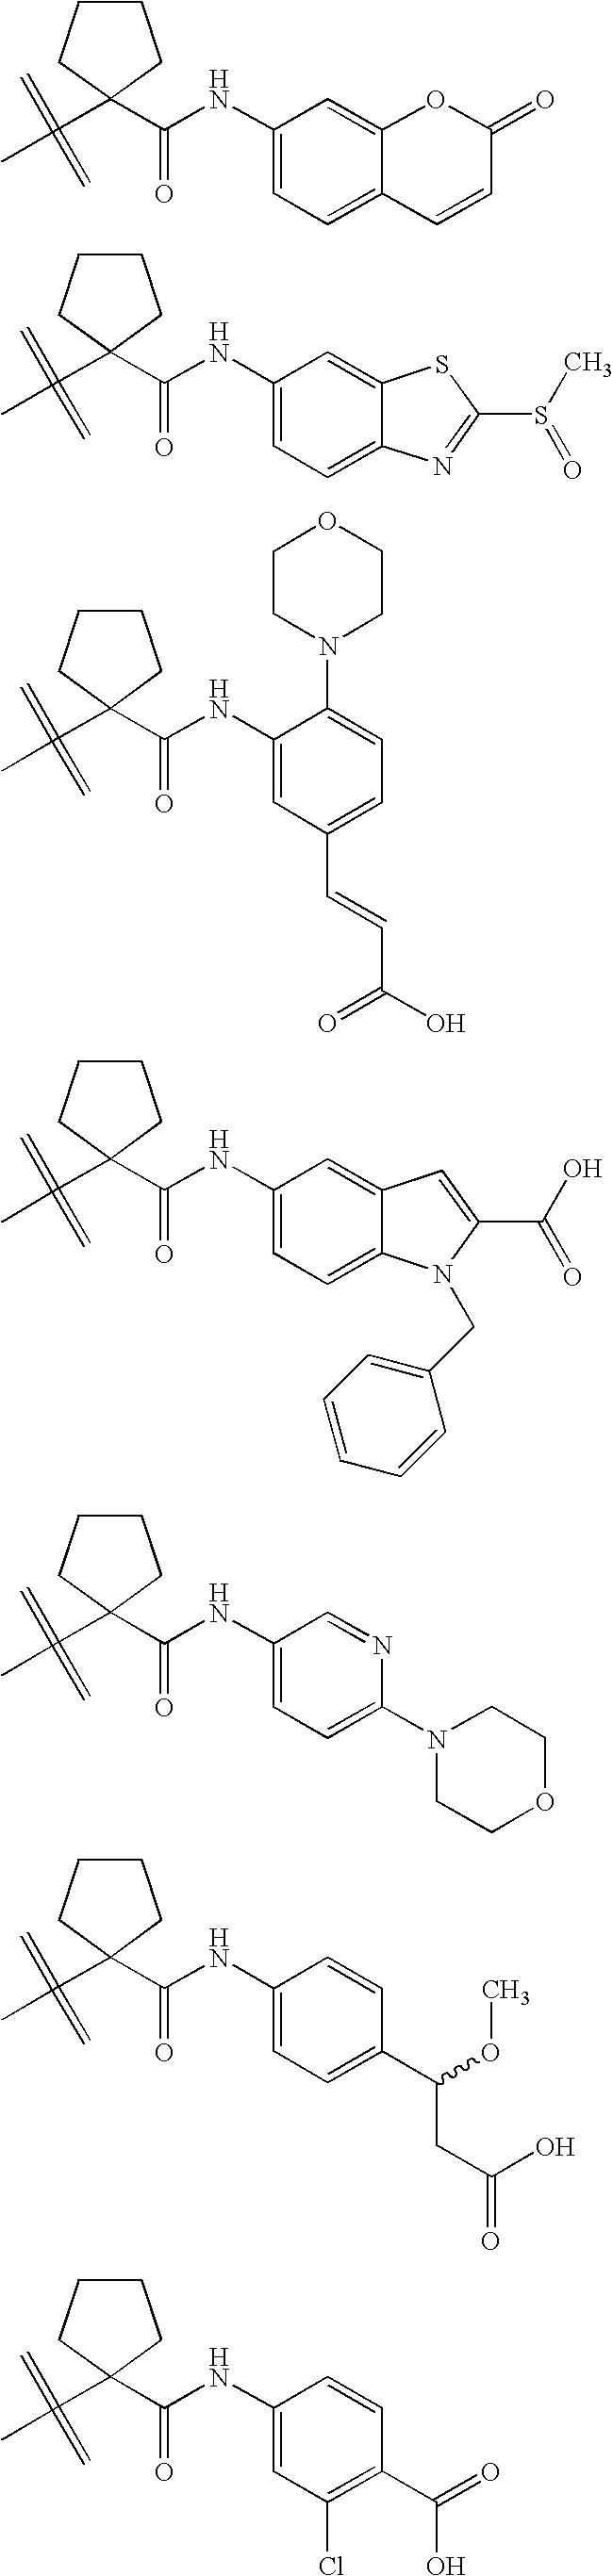 Figure US20070049593A1-20070301-C00140